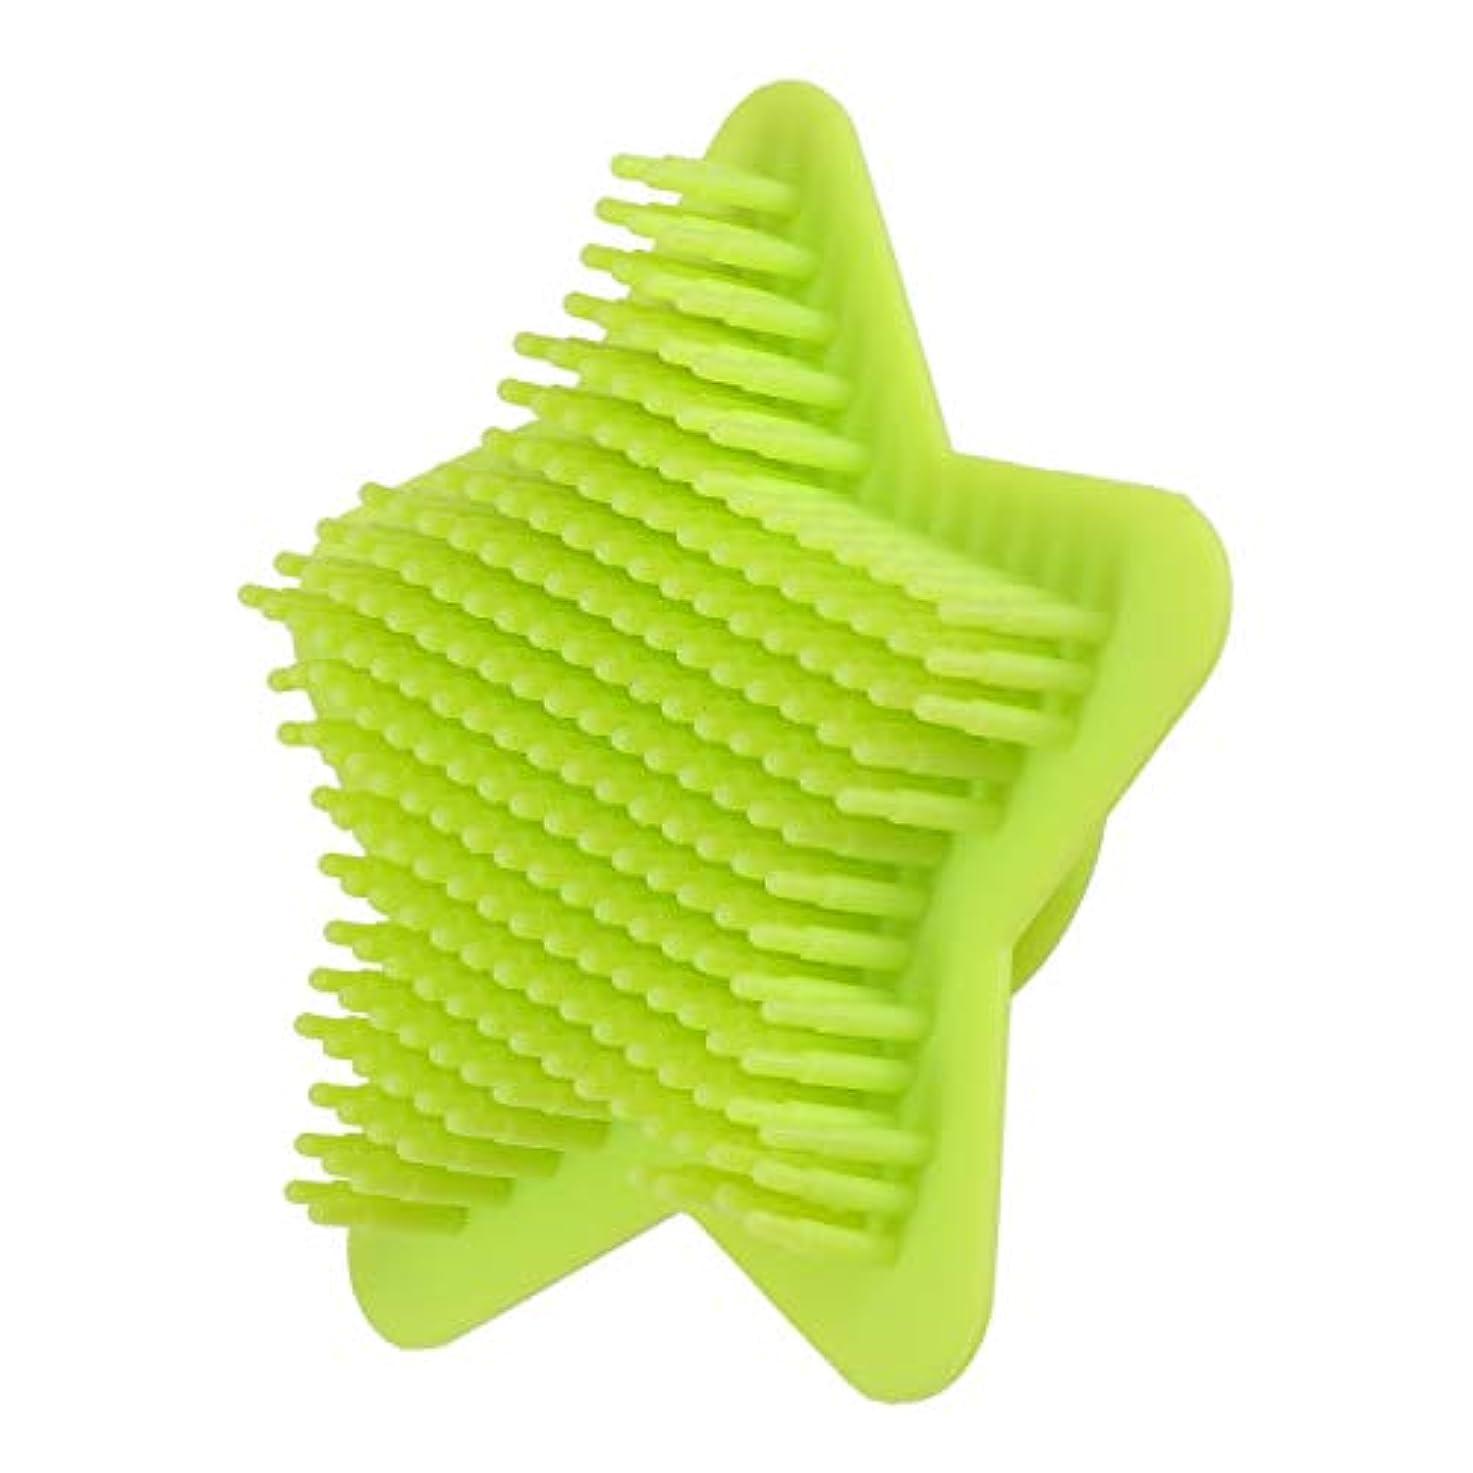 筋肉の電化するモニターHealifty ベビーシリコンボディーブラシシャワースクラバーブラシバスブラシ(グリーン)